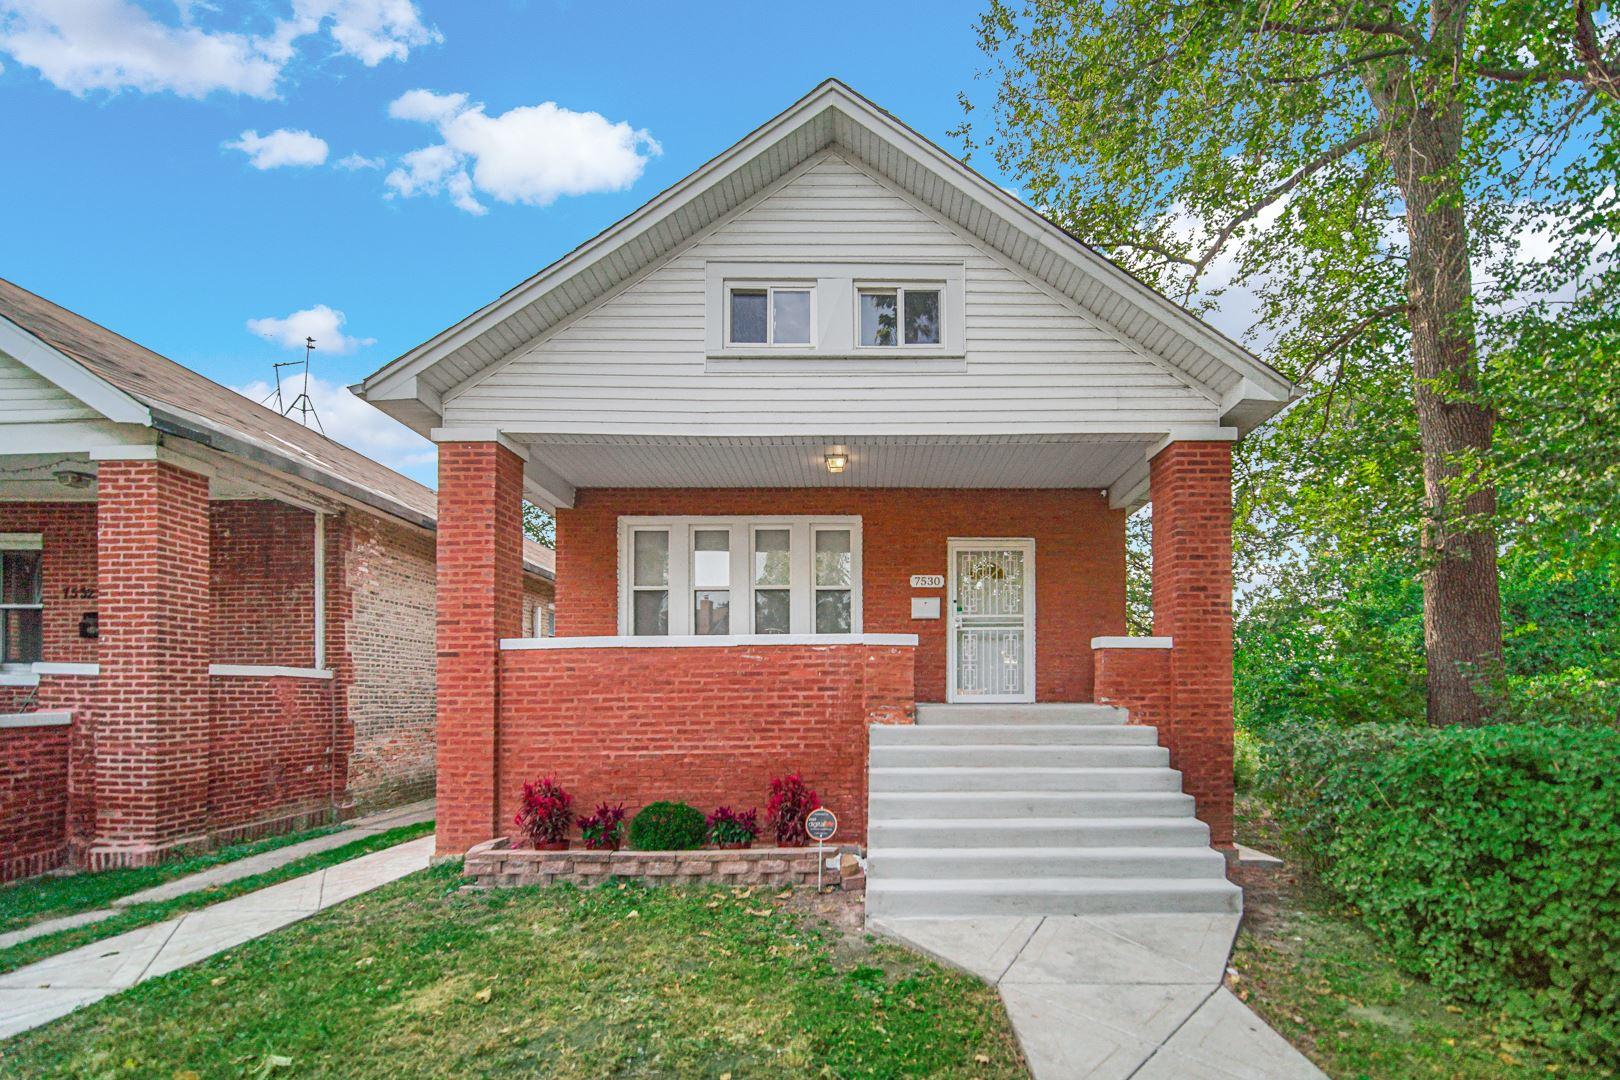 7530 S Oglesby Avenue, Chicago, IL 60649 - #: 11238349